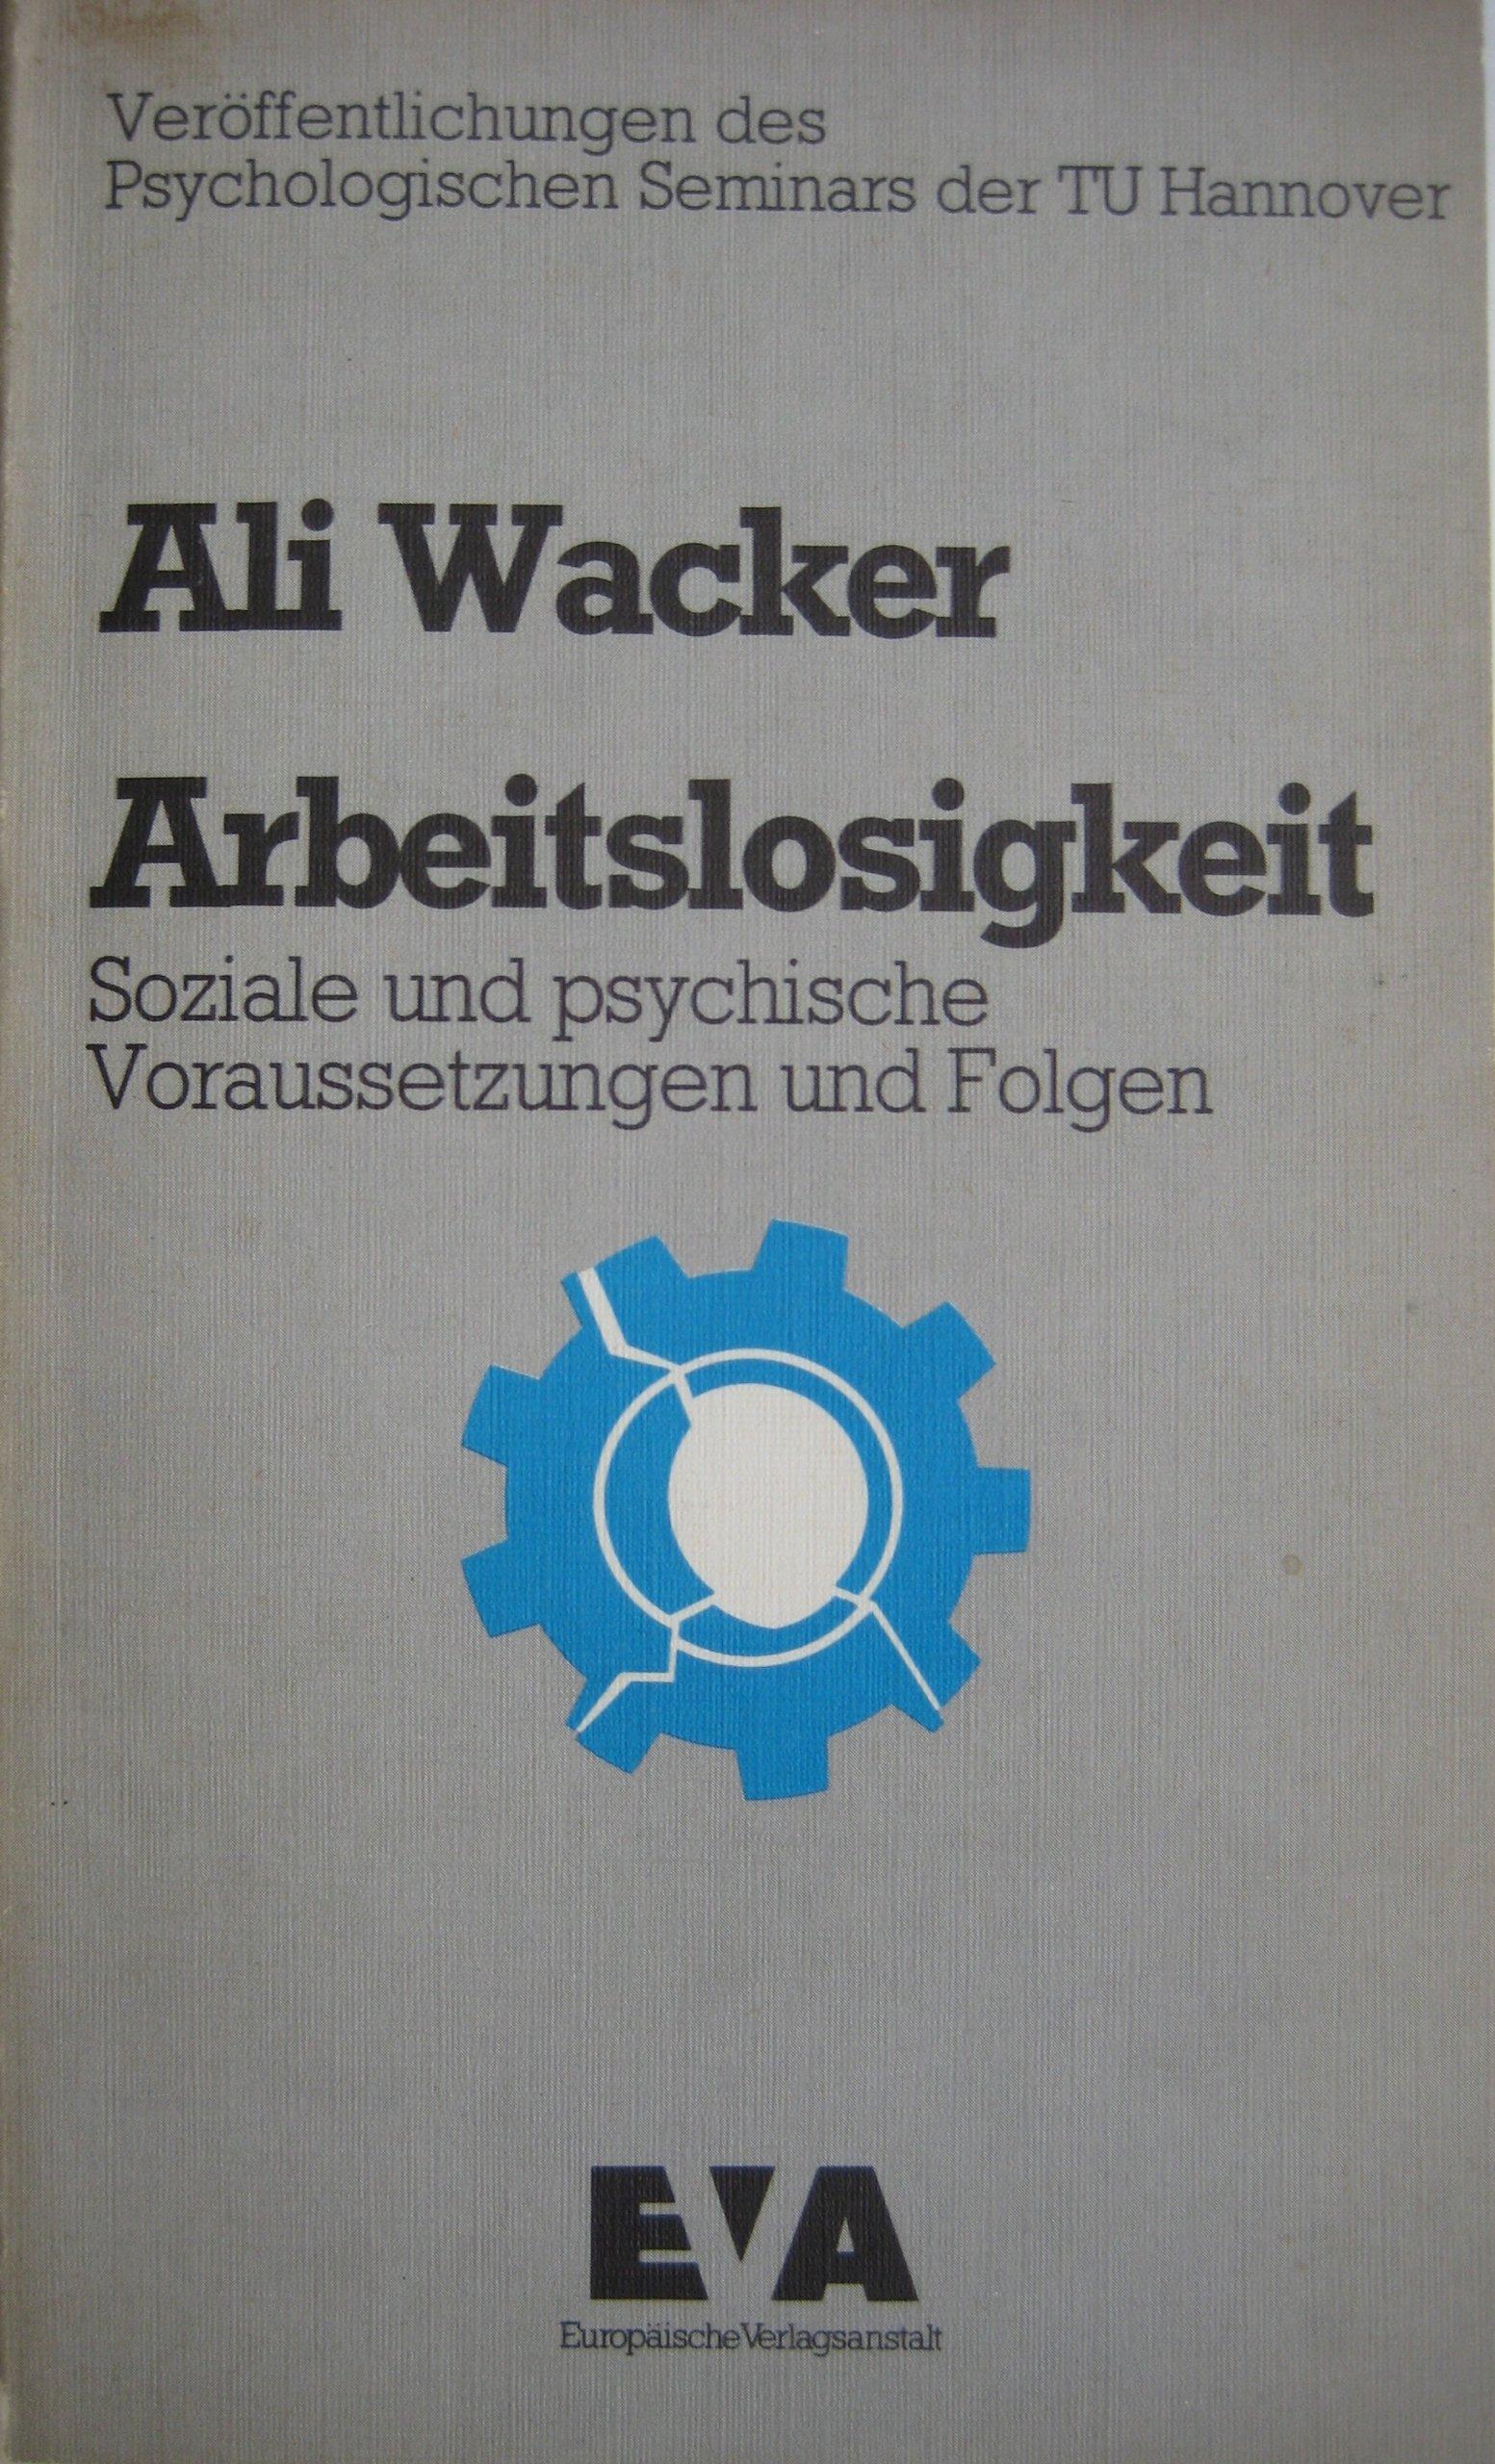 Arbeitslosigkeit - Soziale und psychische Voraussetzungen und Folgen Broschiert – Februar 1991 Ali Wacker Europa 3434002774